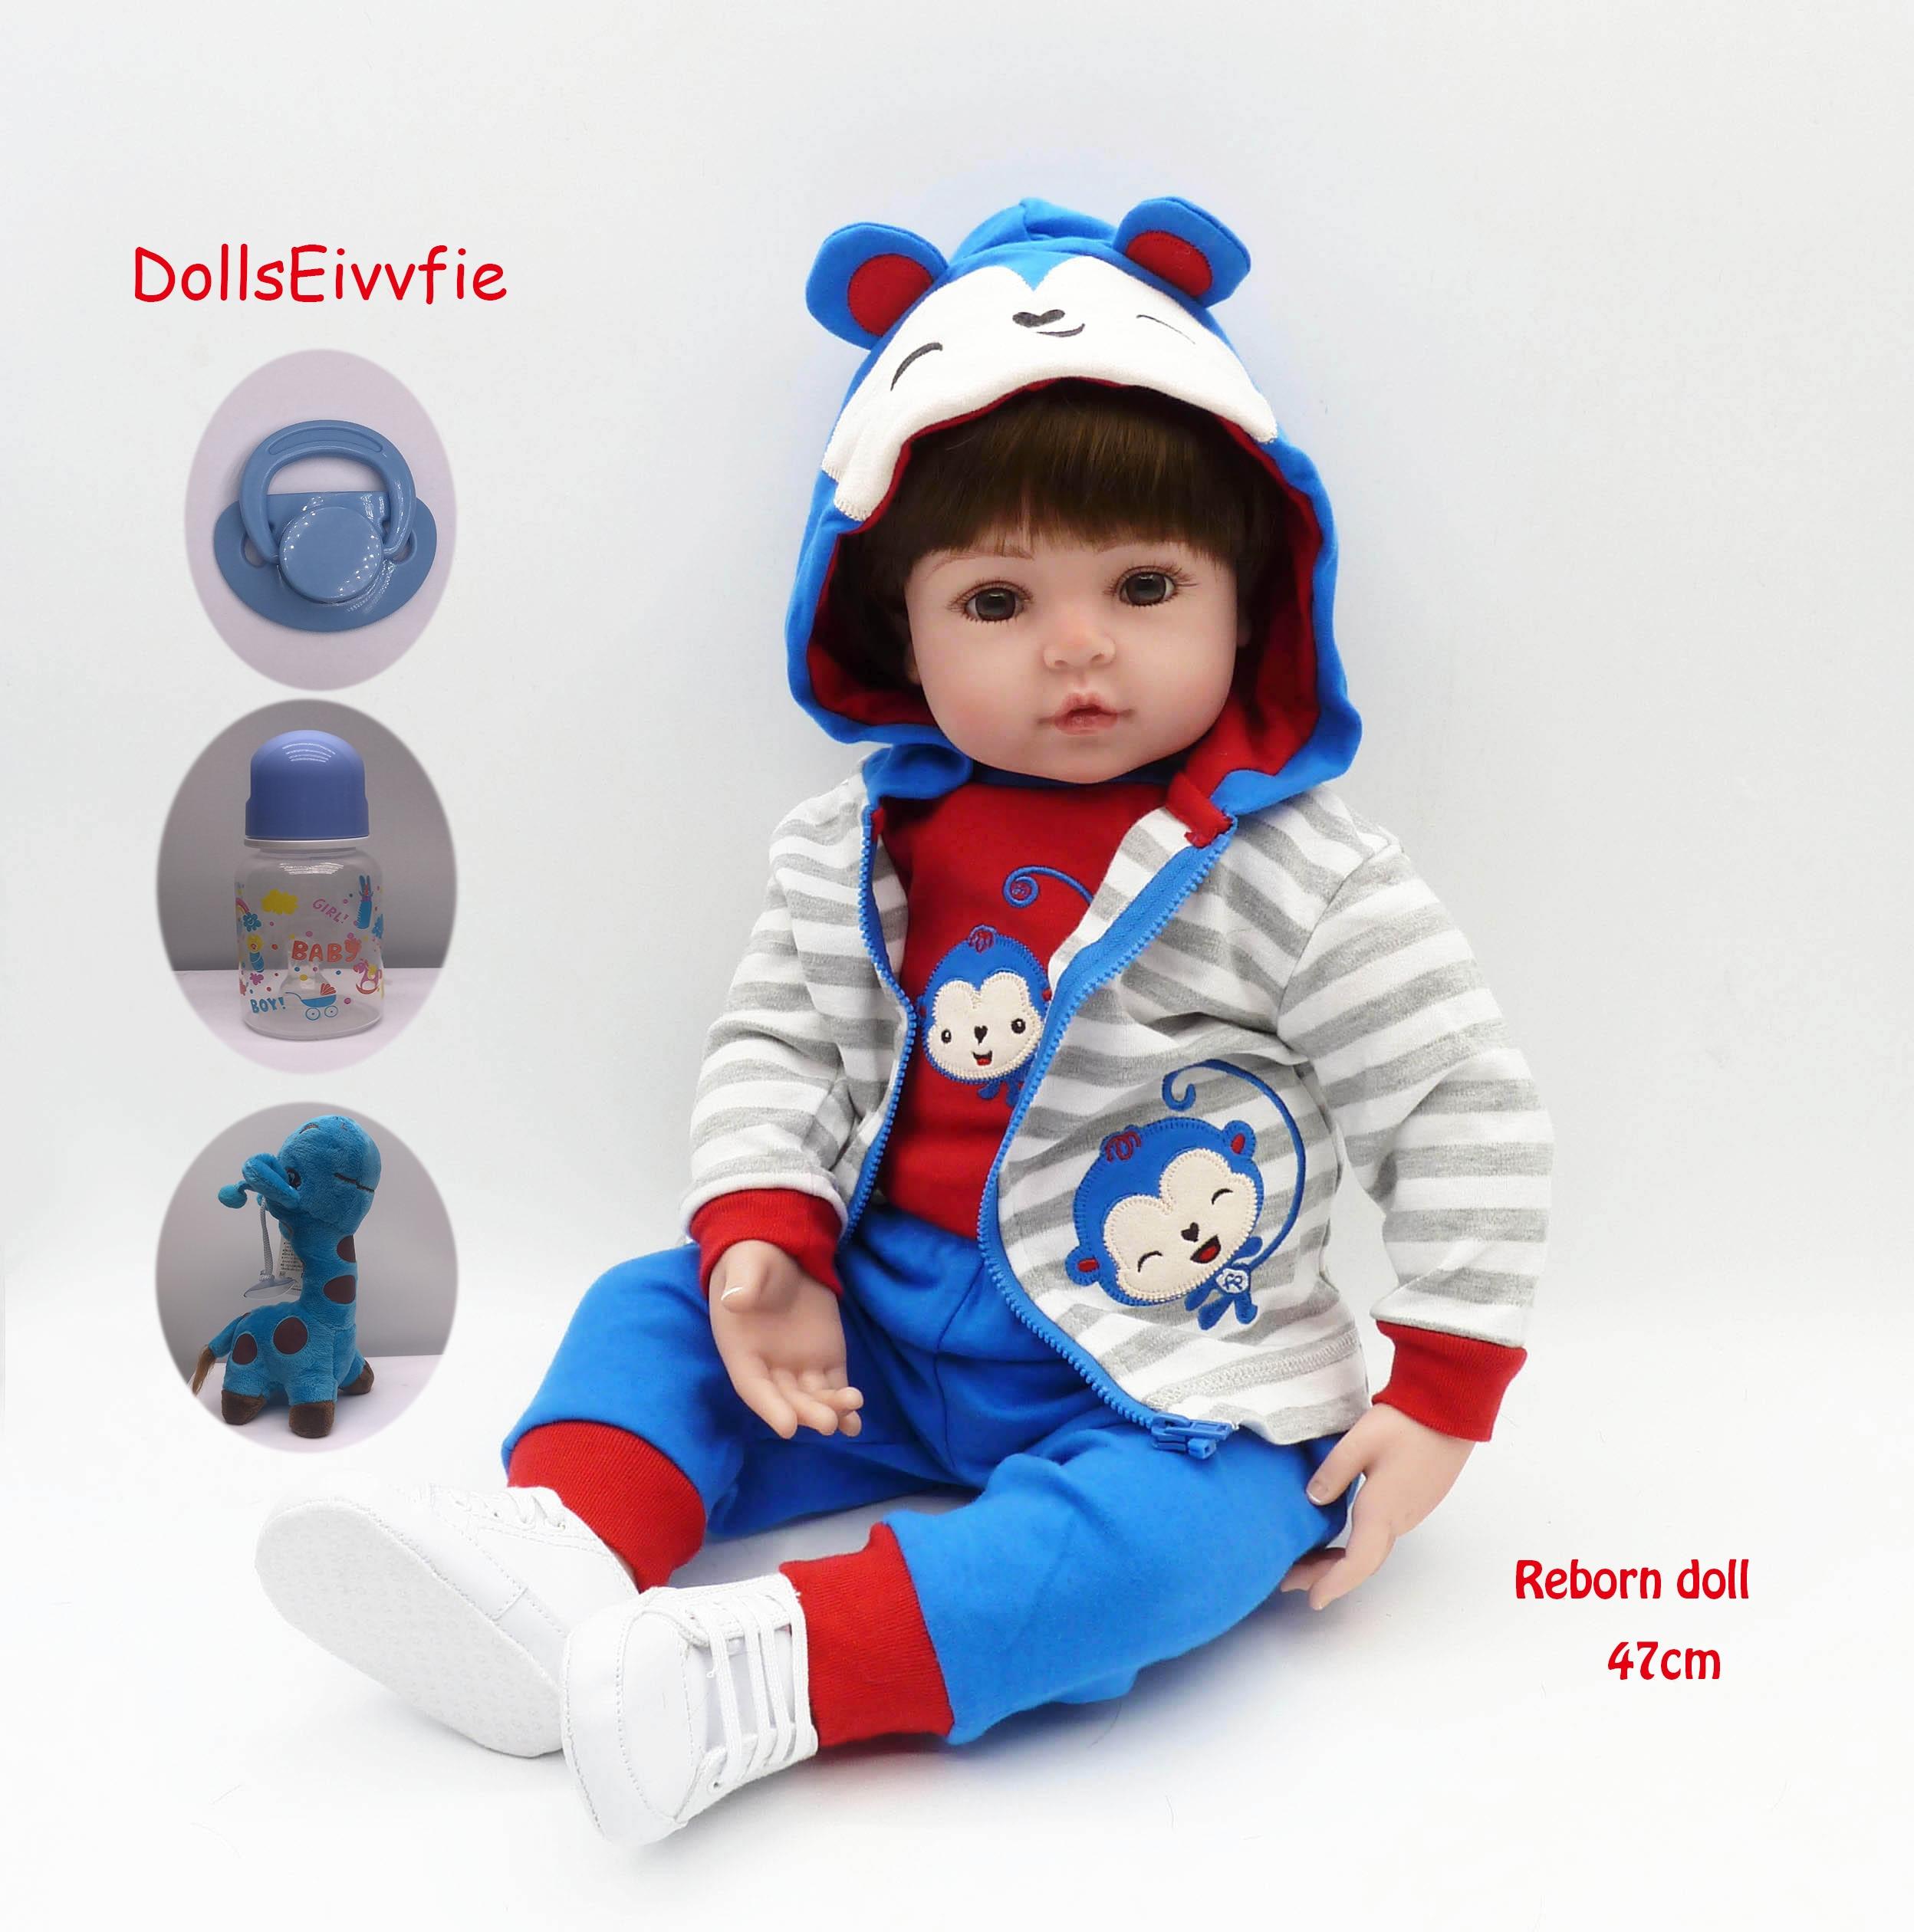 47cm réaliste Reborn bébé poupée en Silicone souple rempli réaliste bébé poupée ethnique jouet poupée pour enfants anniversaire cadeau de noël